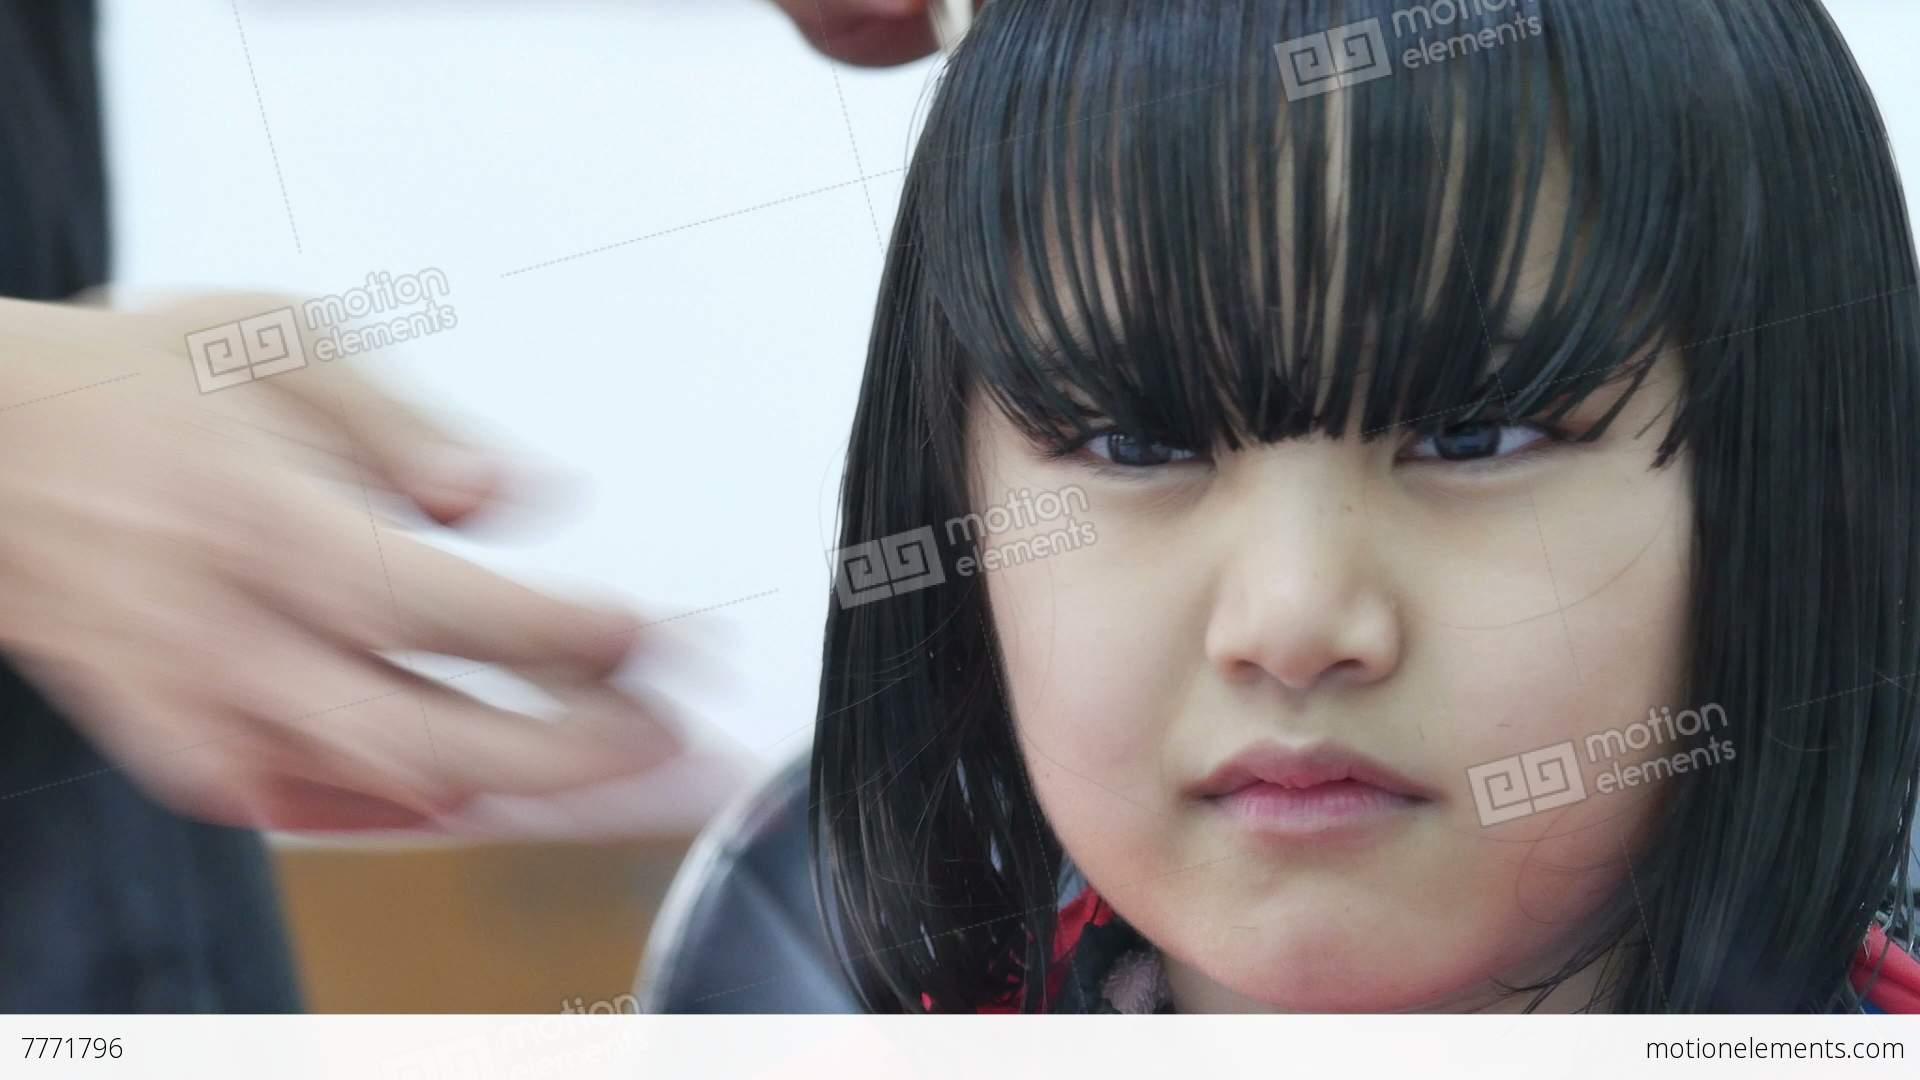 Agree, useful Asian haircut salon